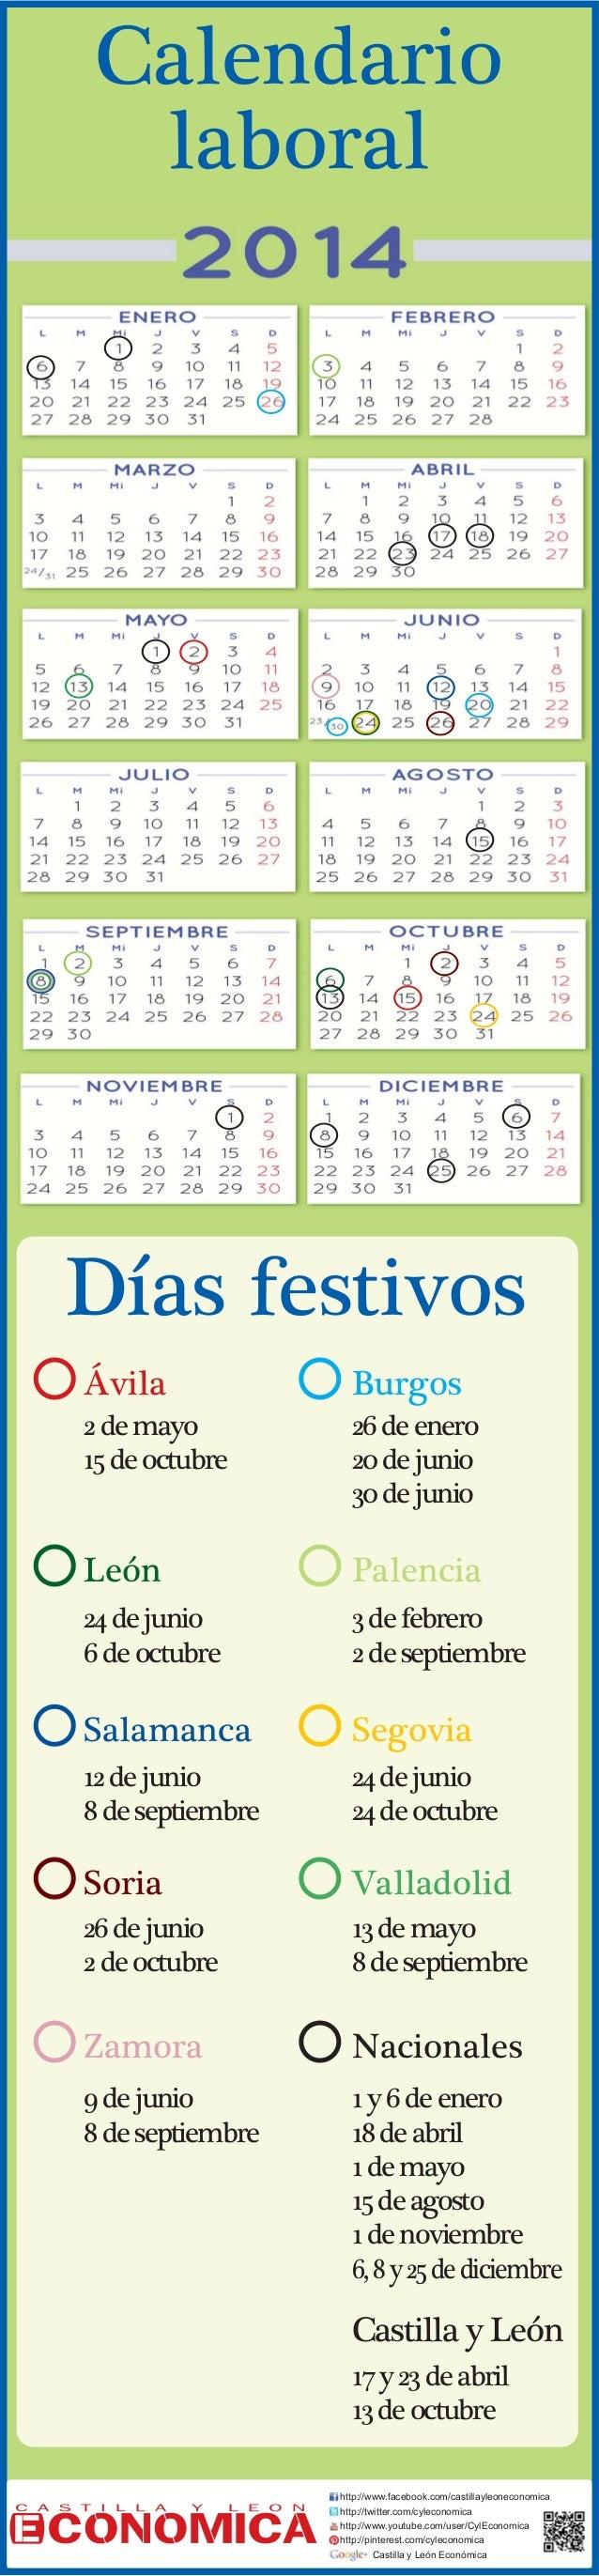 El calendario laboral de 2014 en Castilla y León